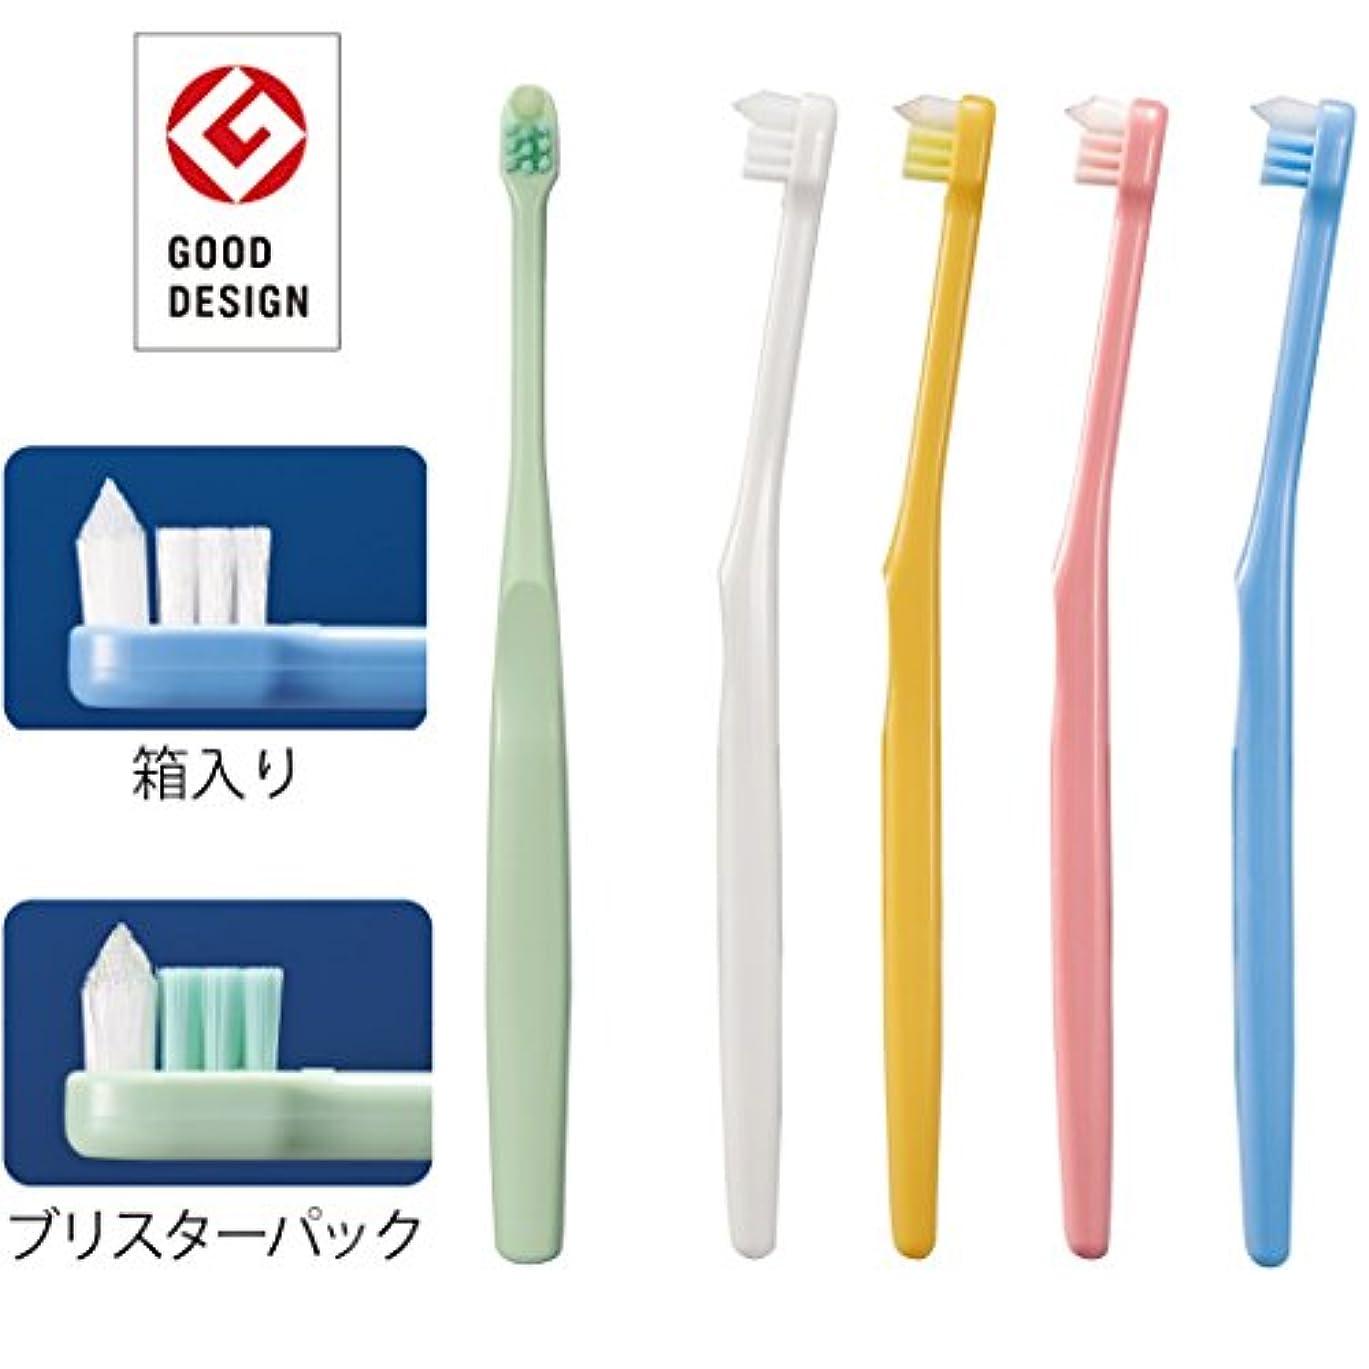 後ろに考案する私たち歯科医院専売 Ci ネオタフト M(ふつう) 6本 4色アソート